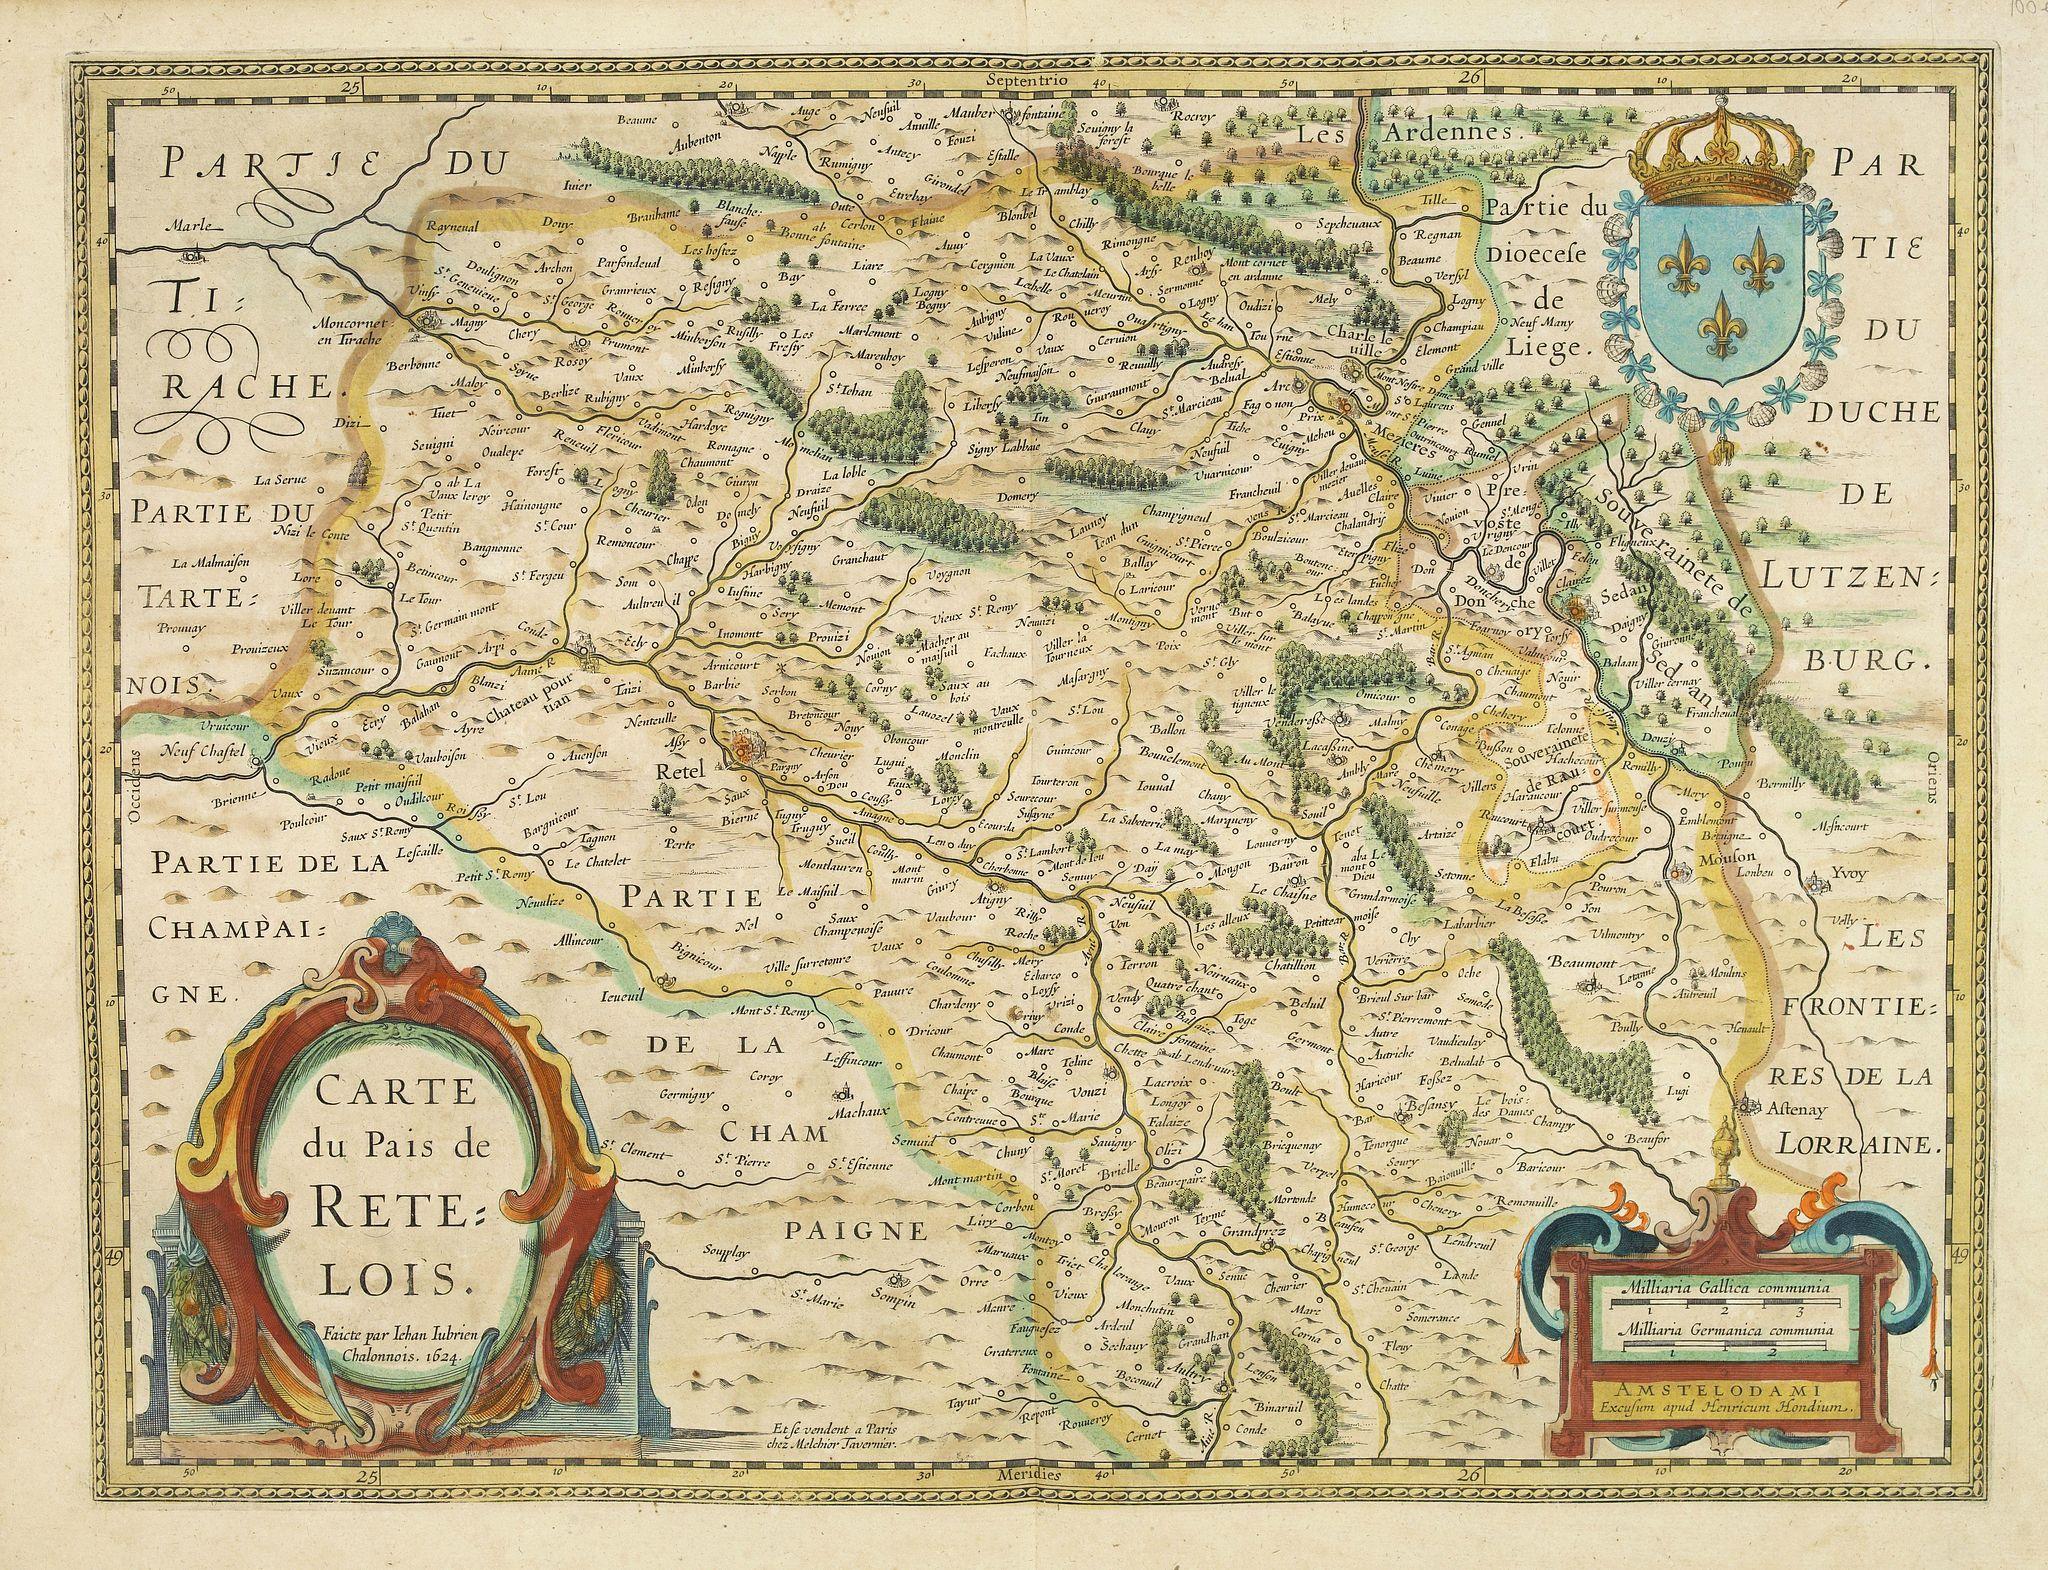 JANSSONIUS, J. -  Carte du pais de Retelois.